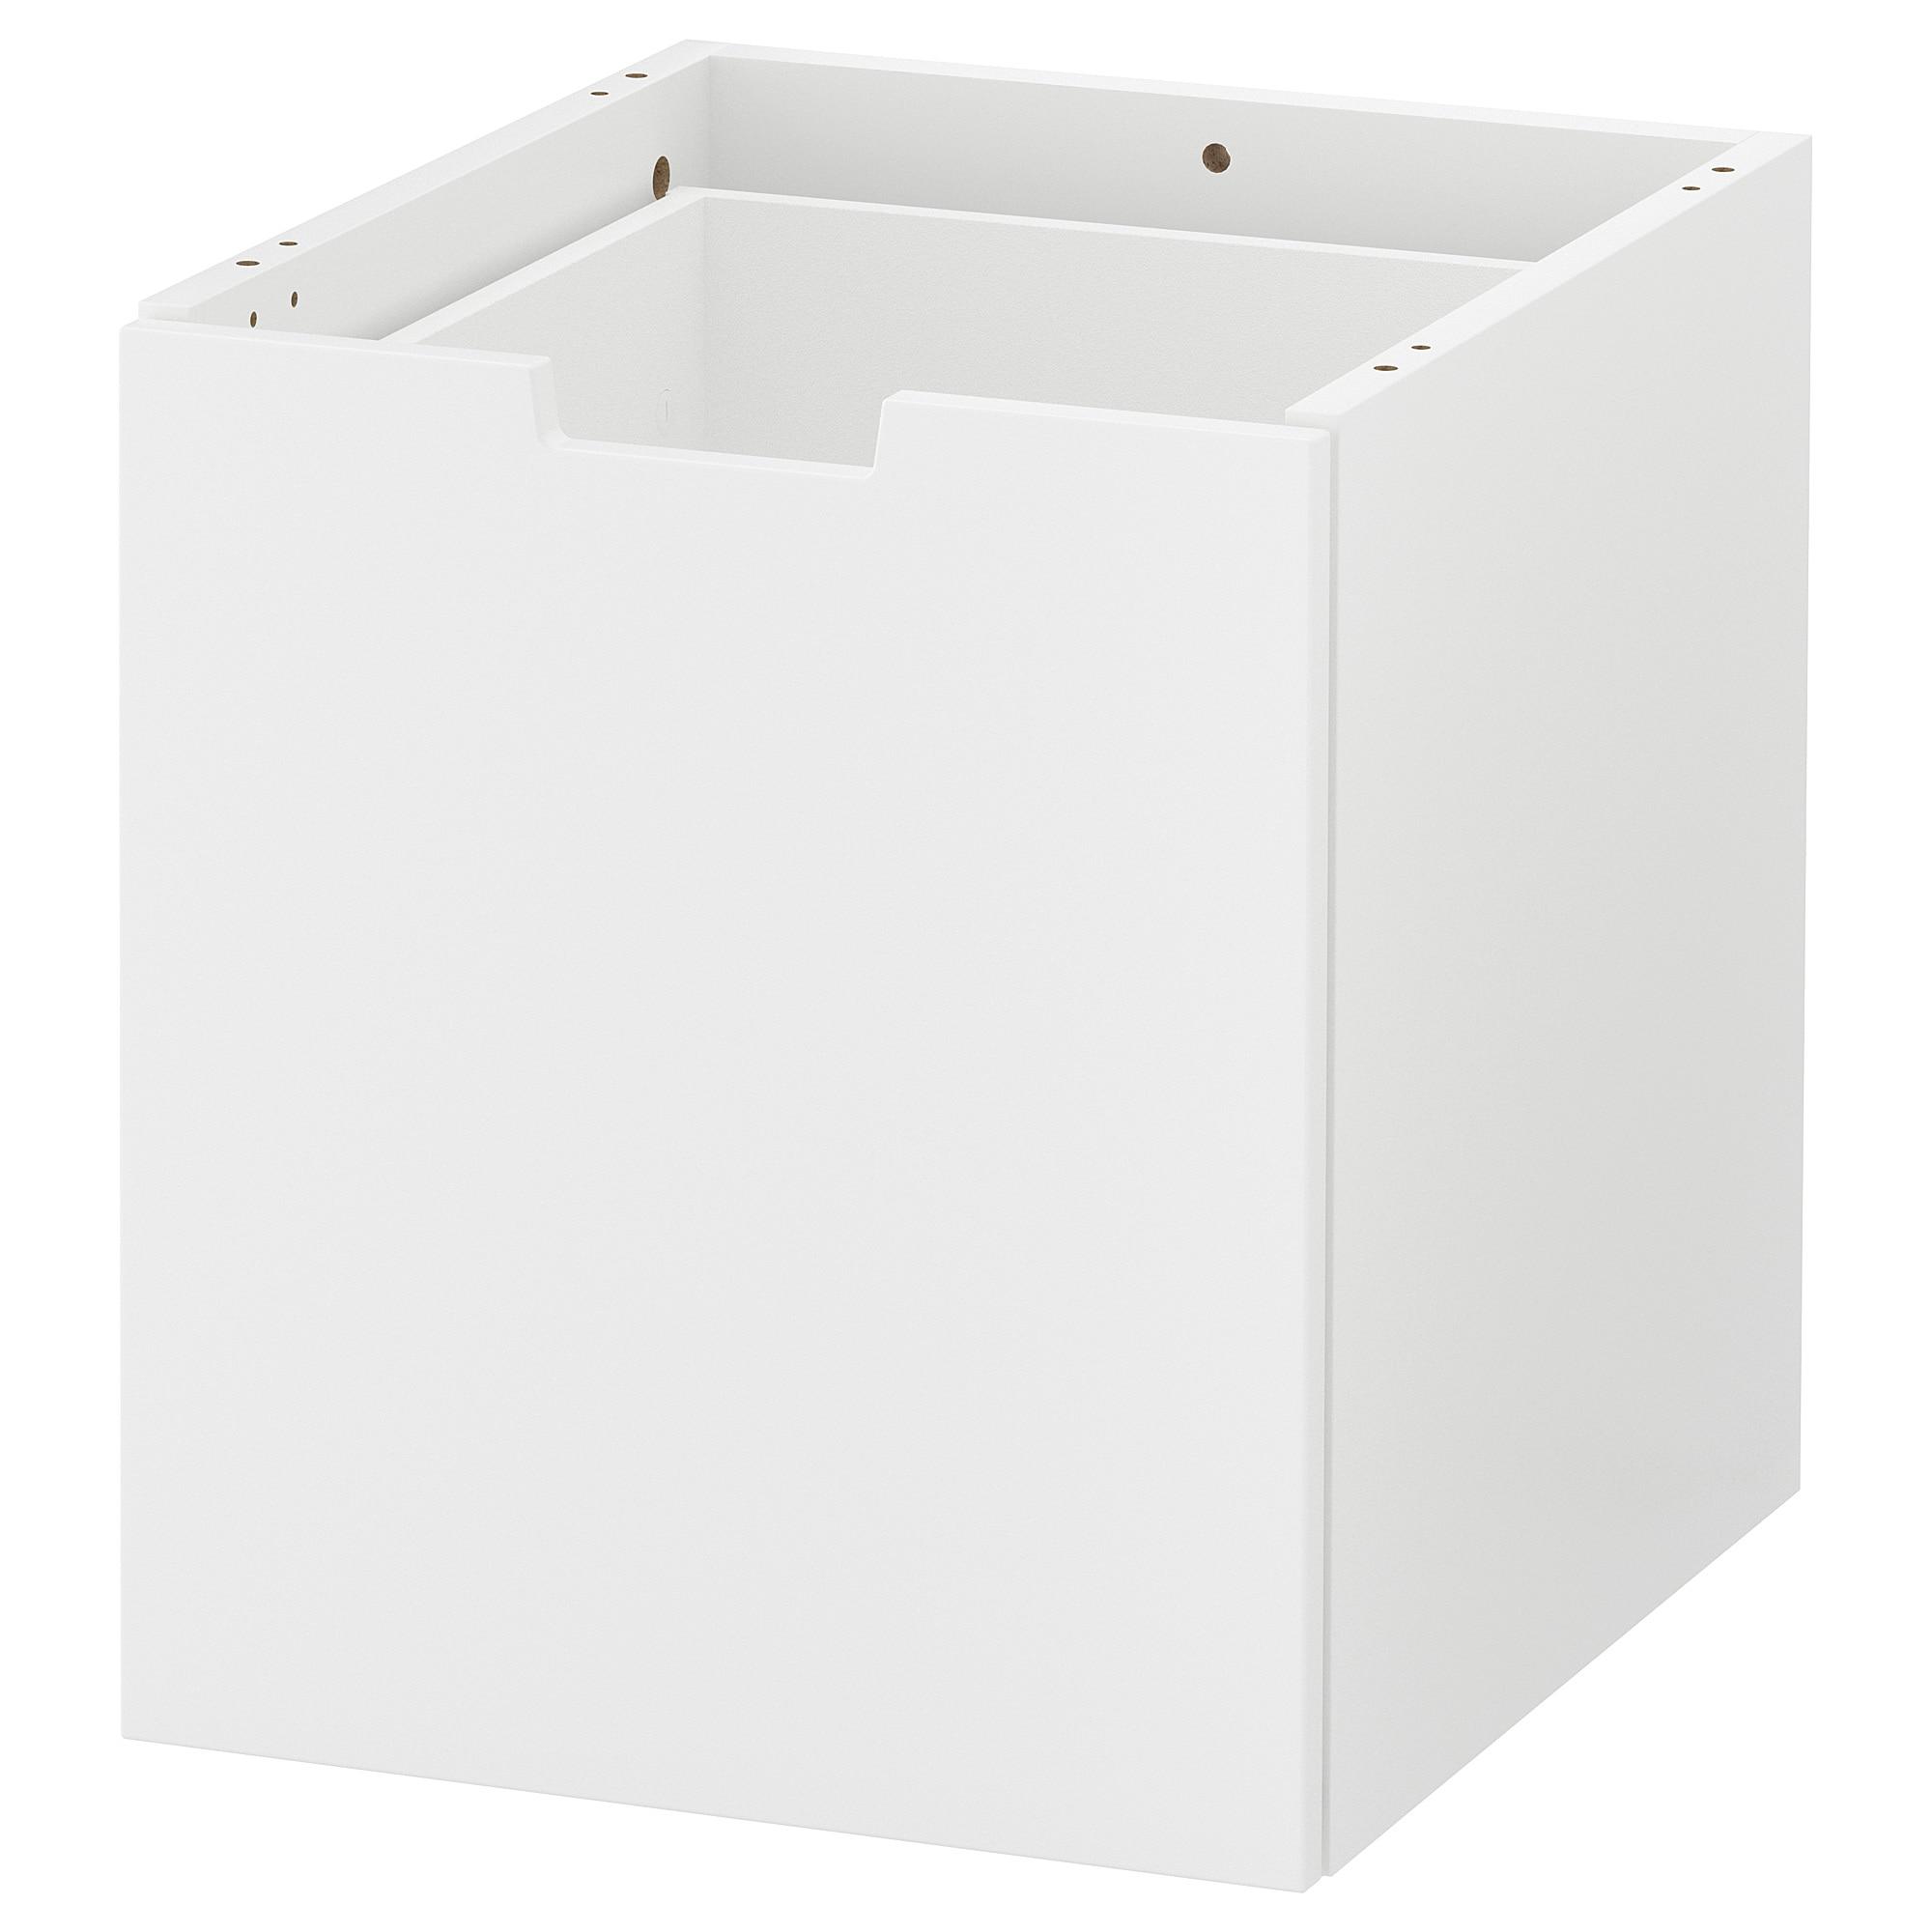 Модульный комод НОРДЛИ белый артикуль № 004.019.03 в наличии. Online магазин IKEA РБ. Быстрая доставка и установка.